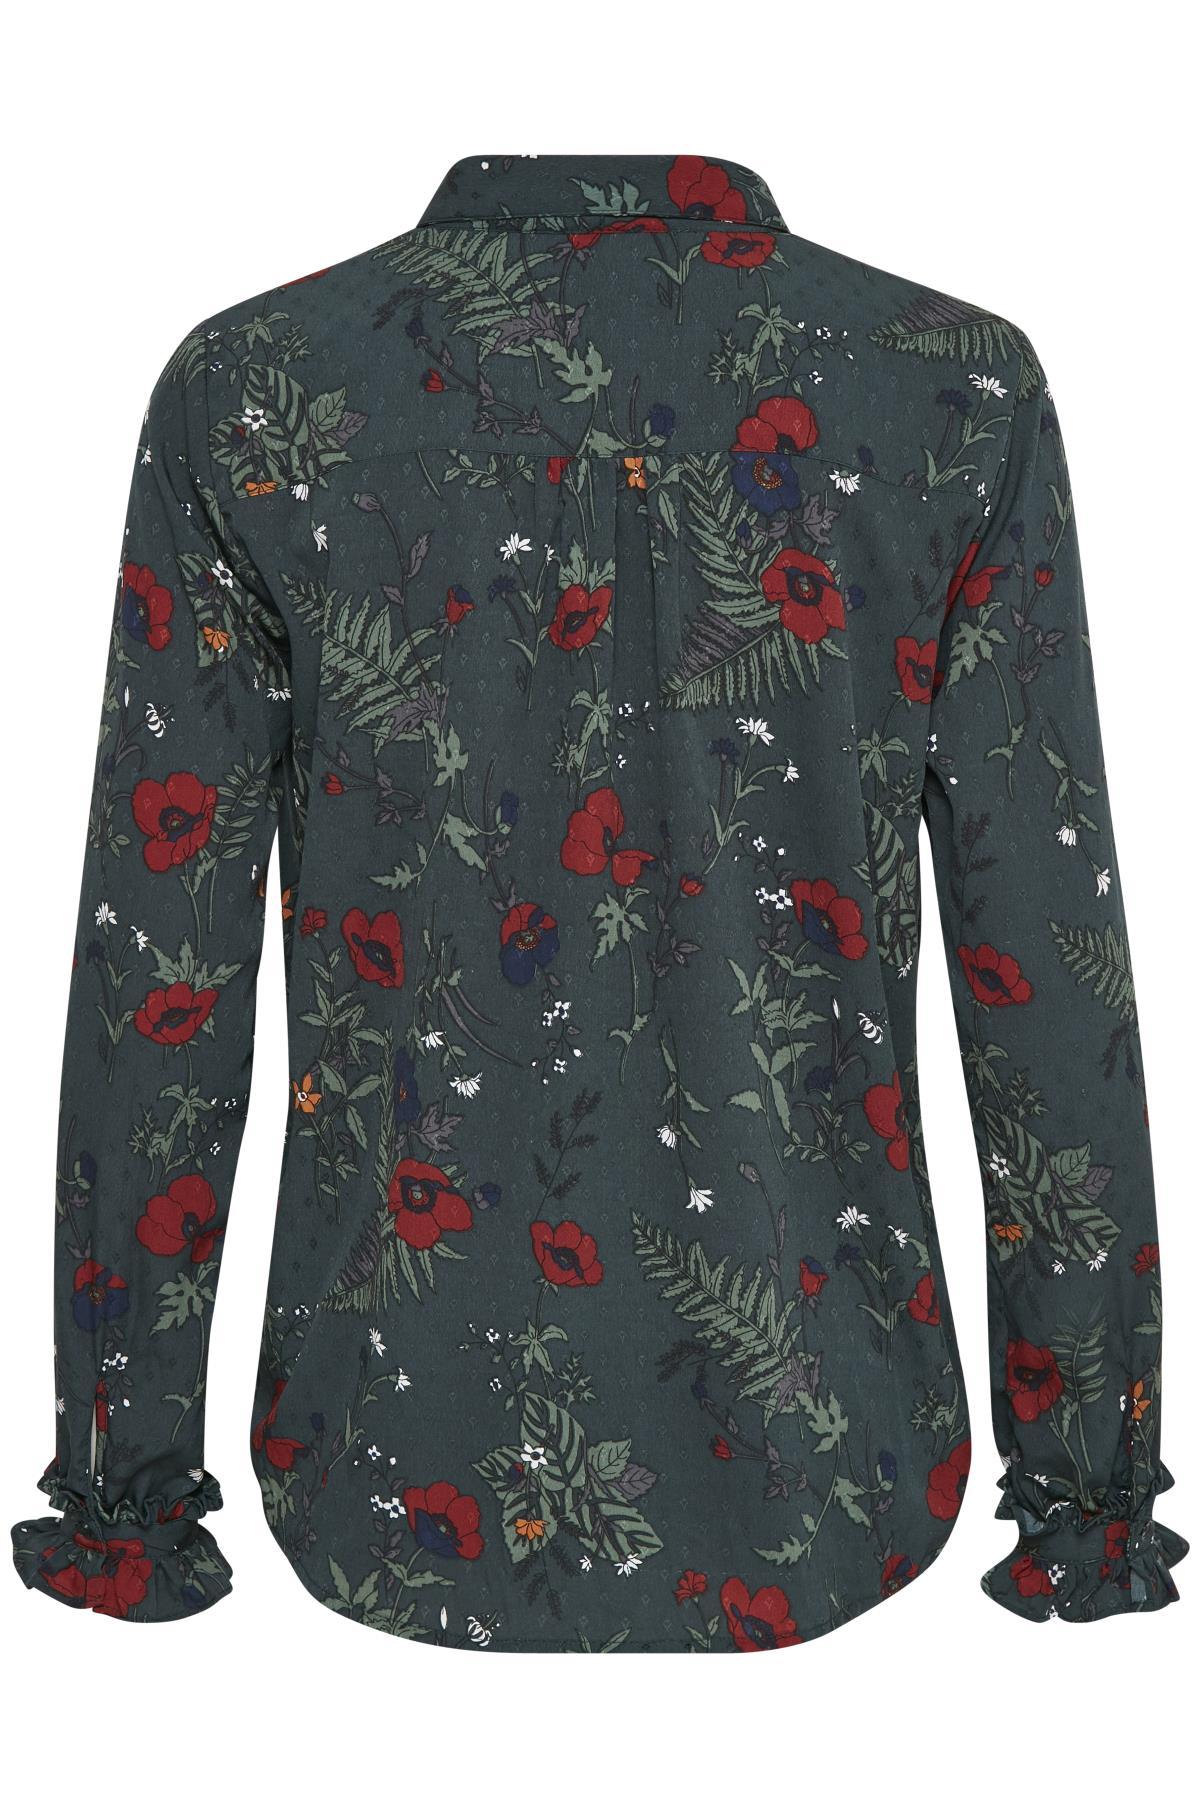 Green Spruce Långärmad skjorta från Kaffe – Köp Green Spruce Långärmad skjorta från stl. 34-46 här